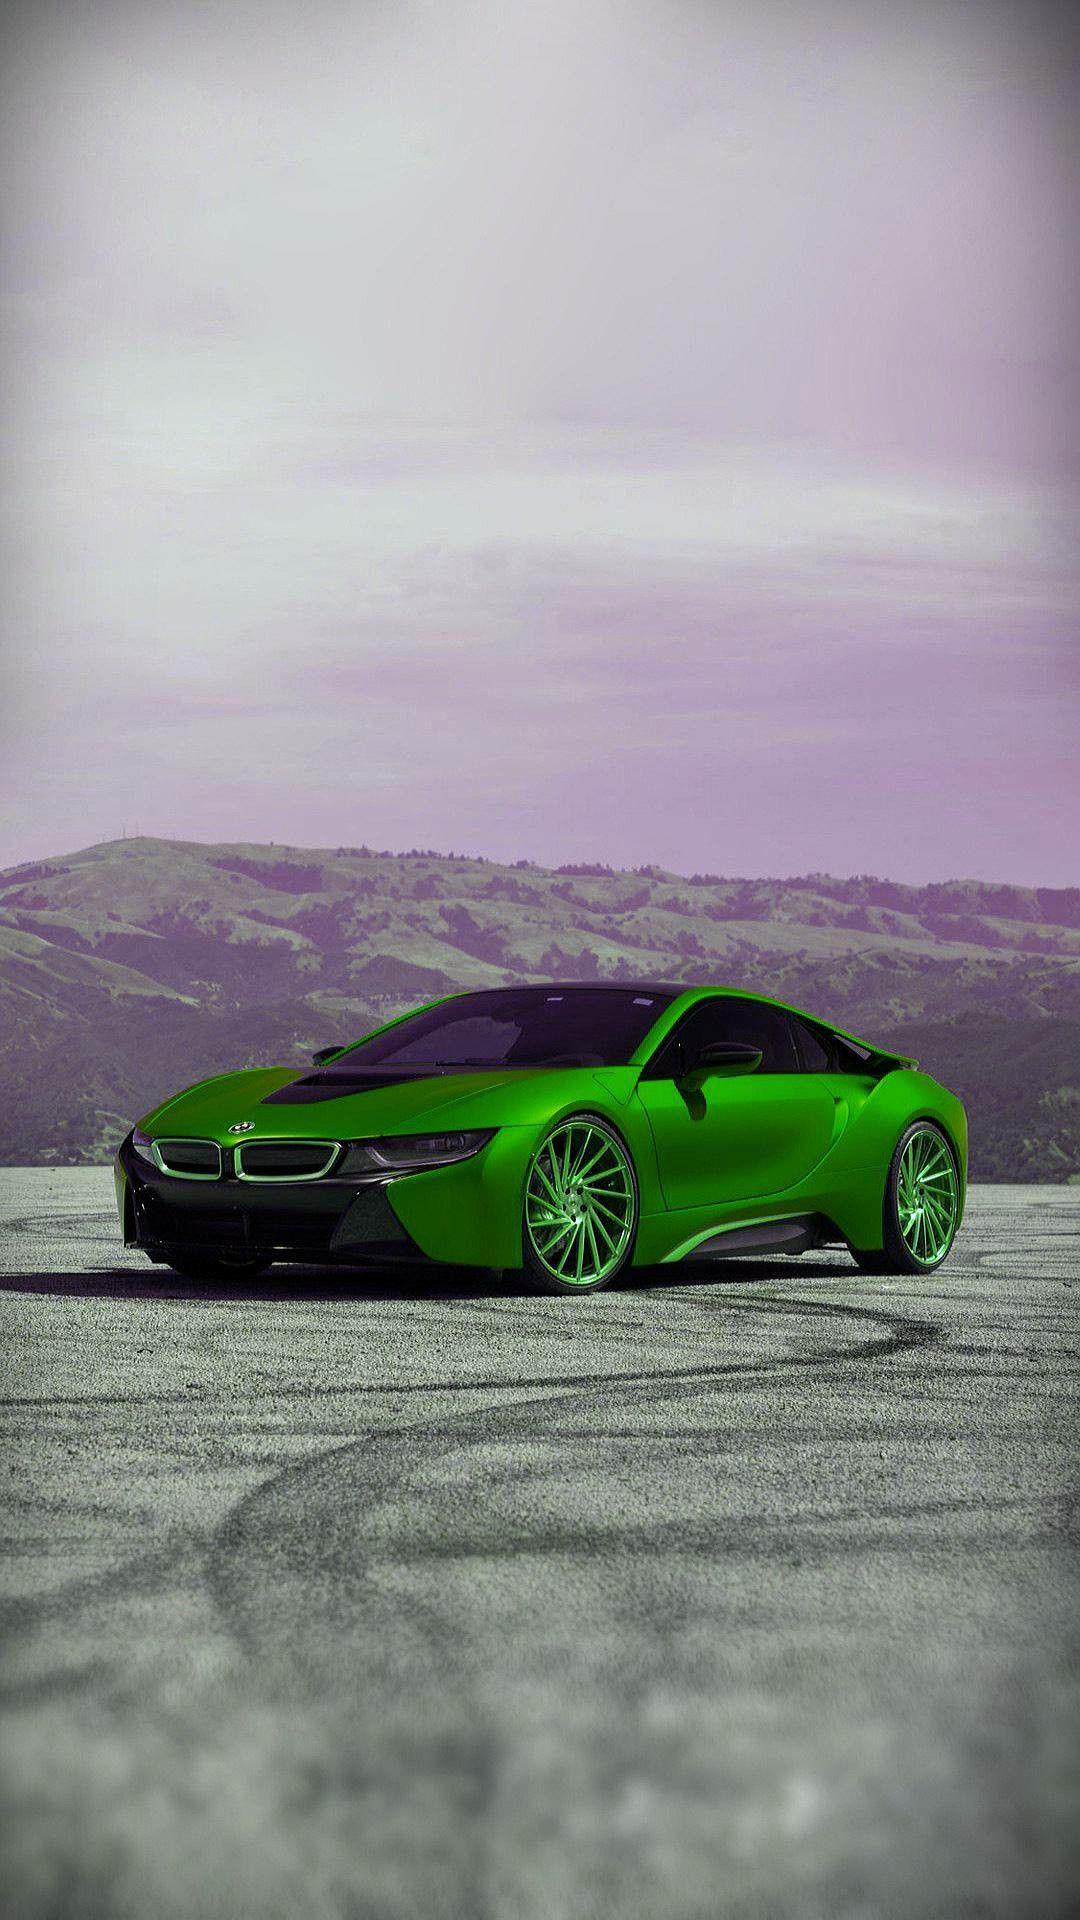 Green Car Luxury Cars Fast Cars Bmw I8